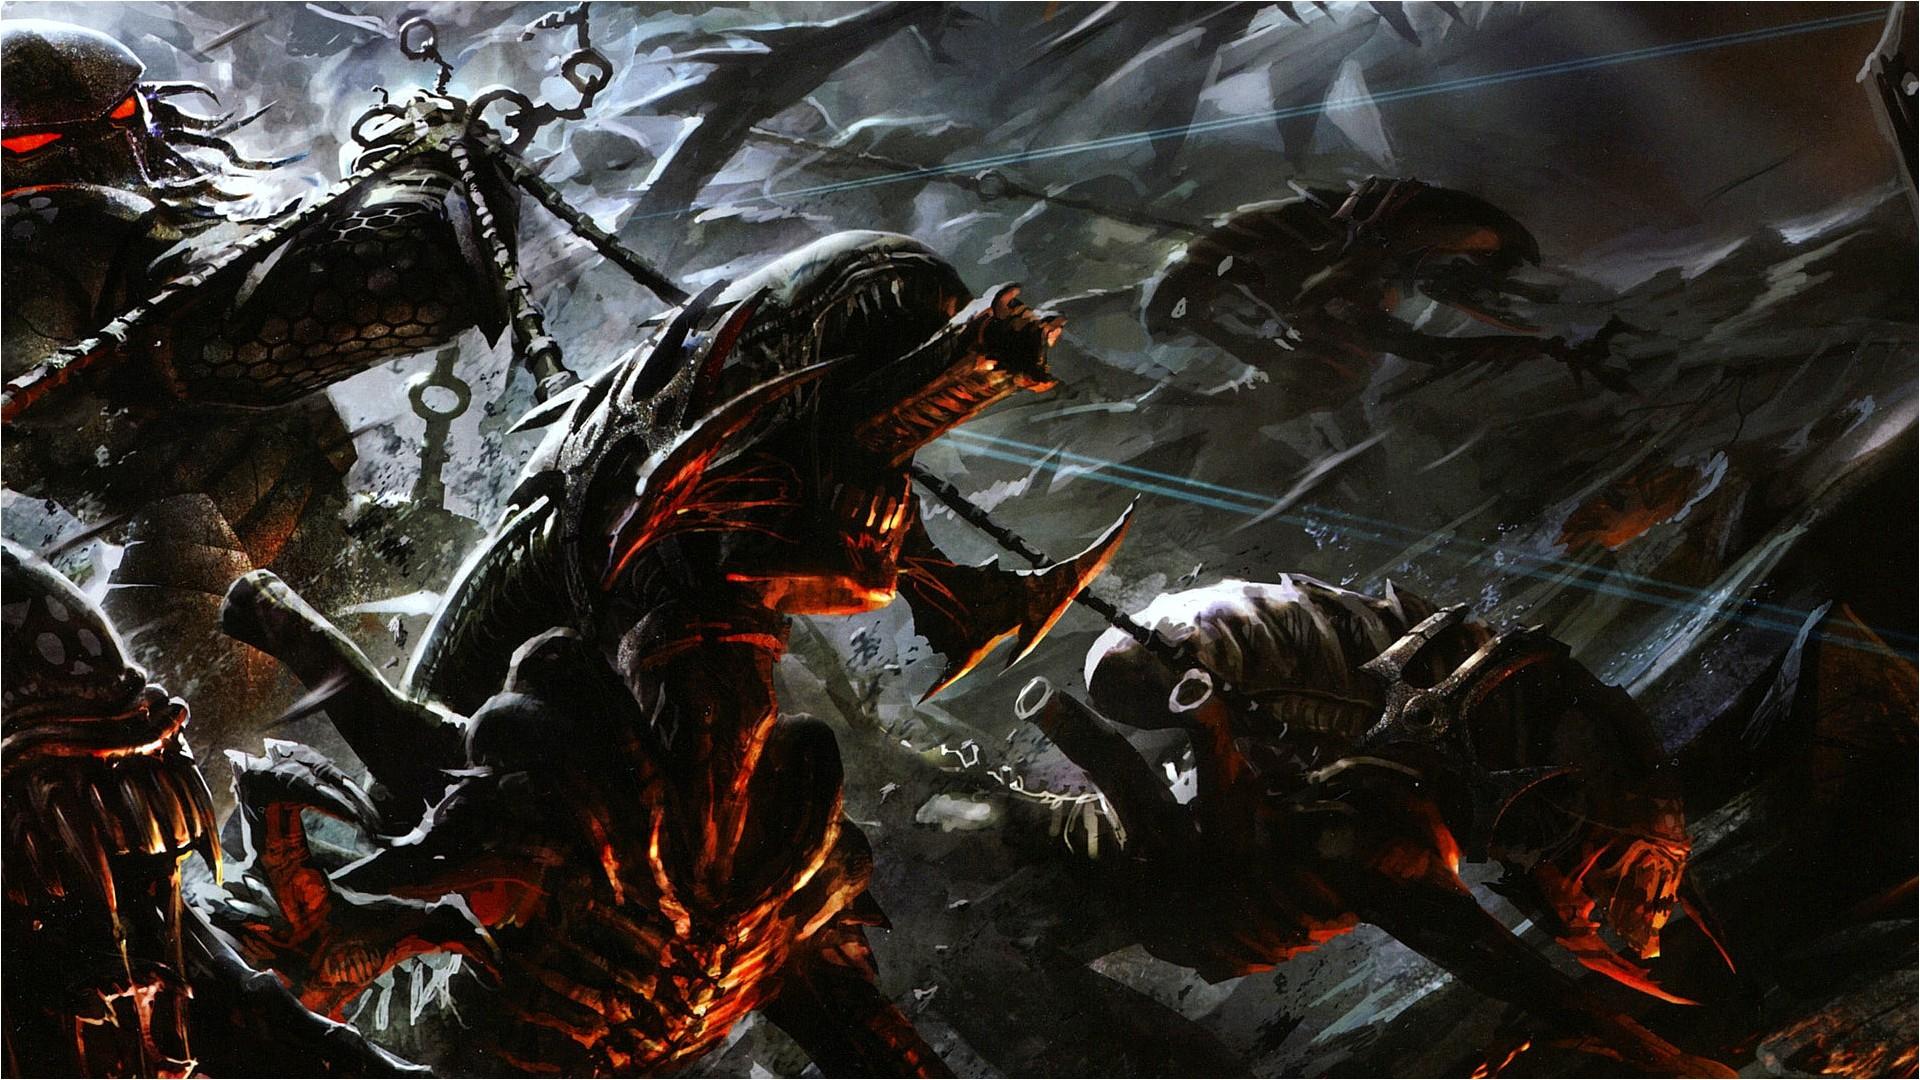 0 Alien Landscape Wallpaper Alien Vs Predator Game | wallpaper.